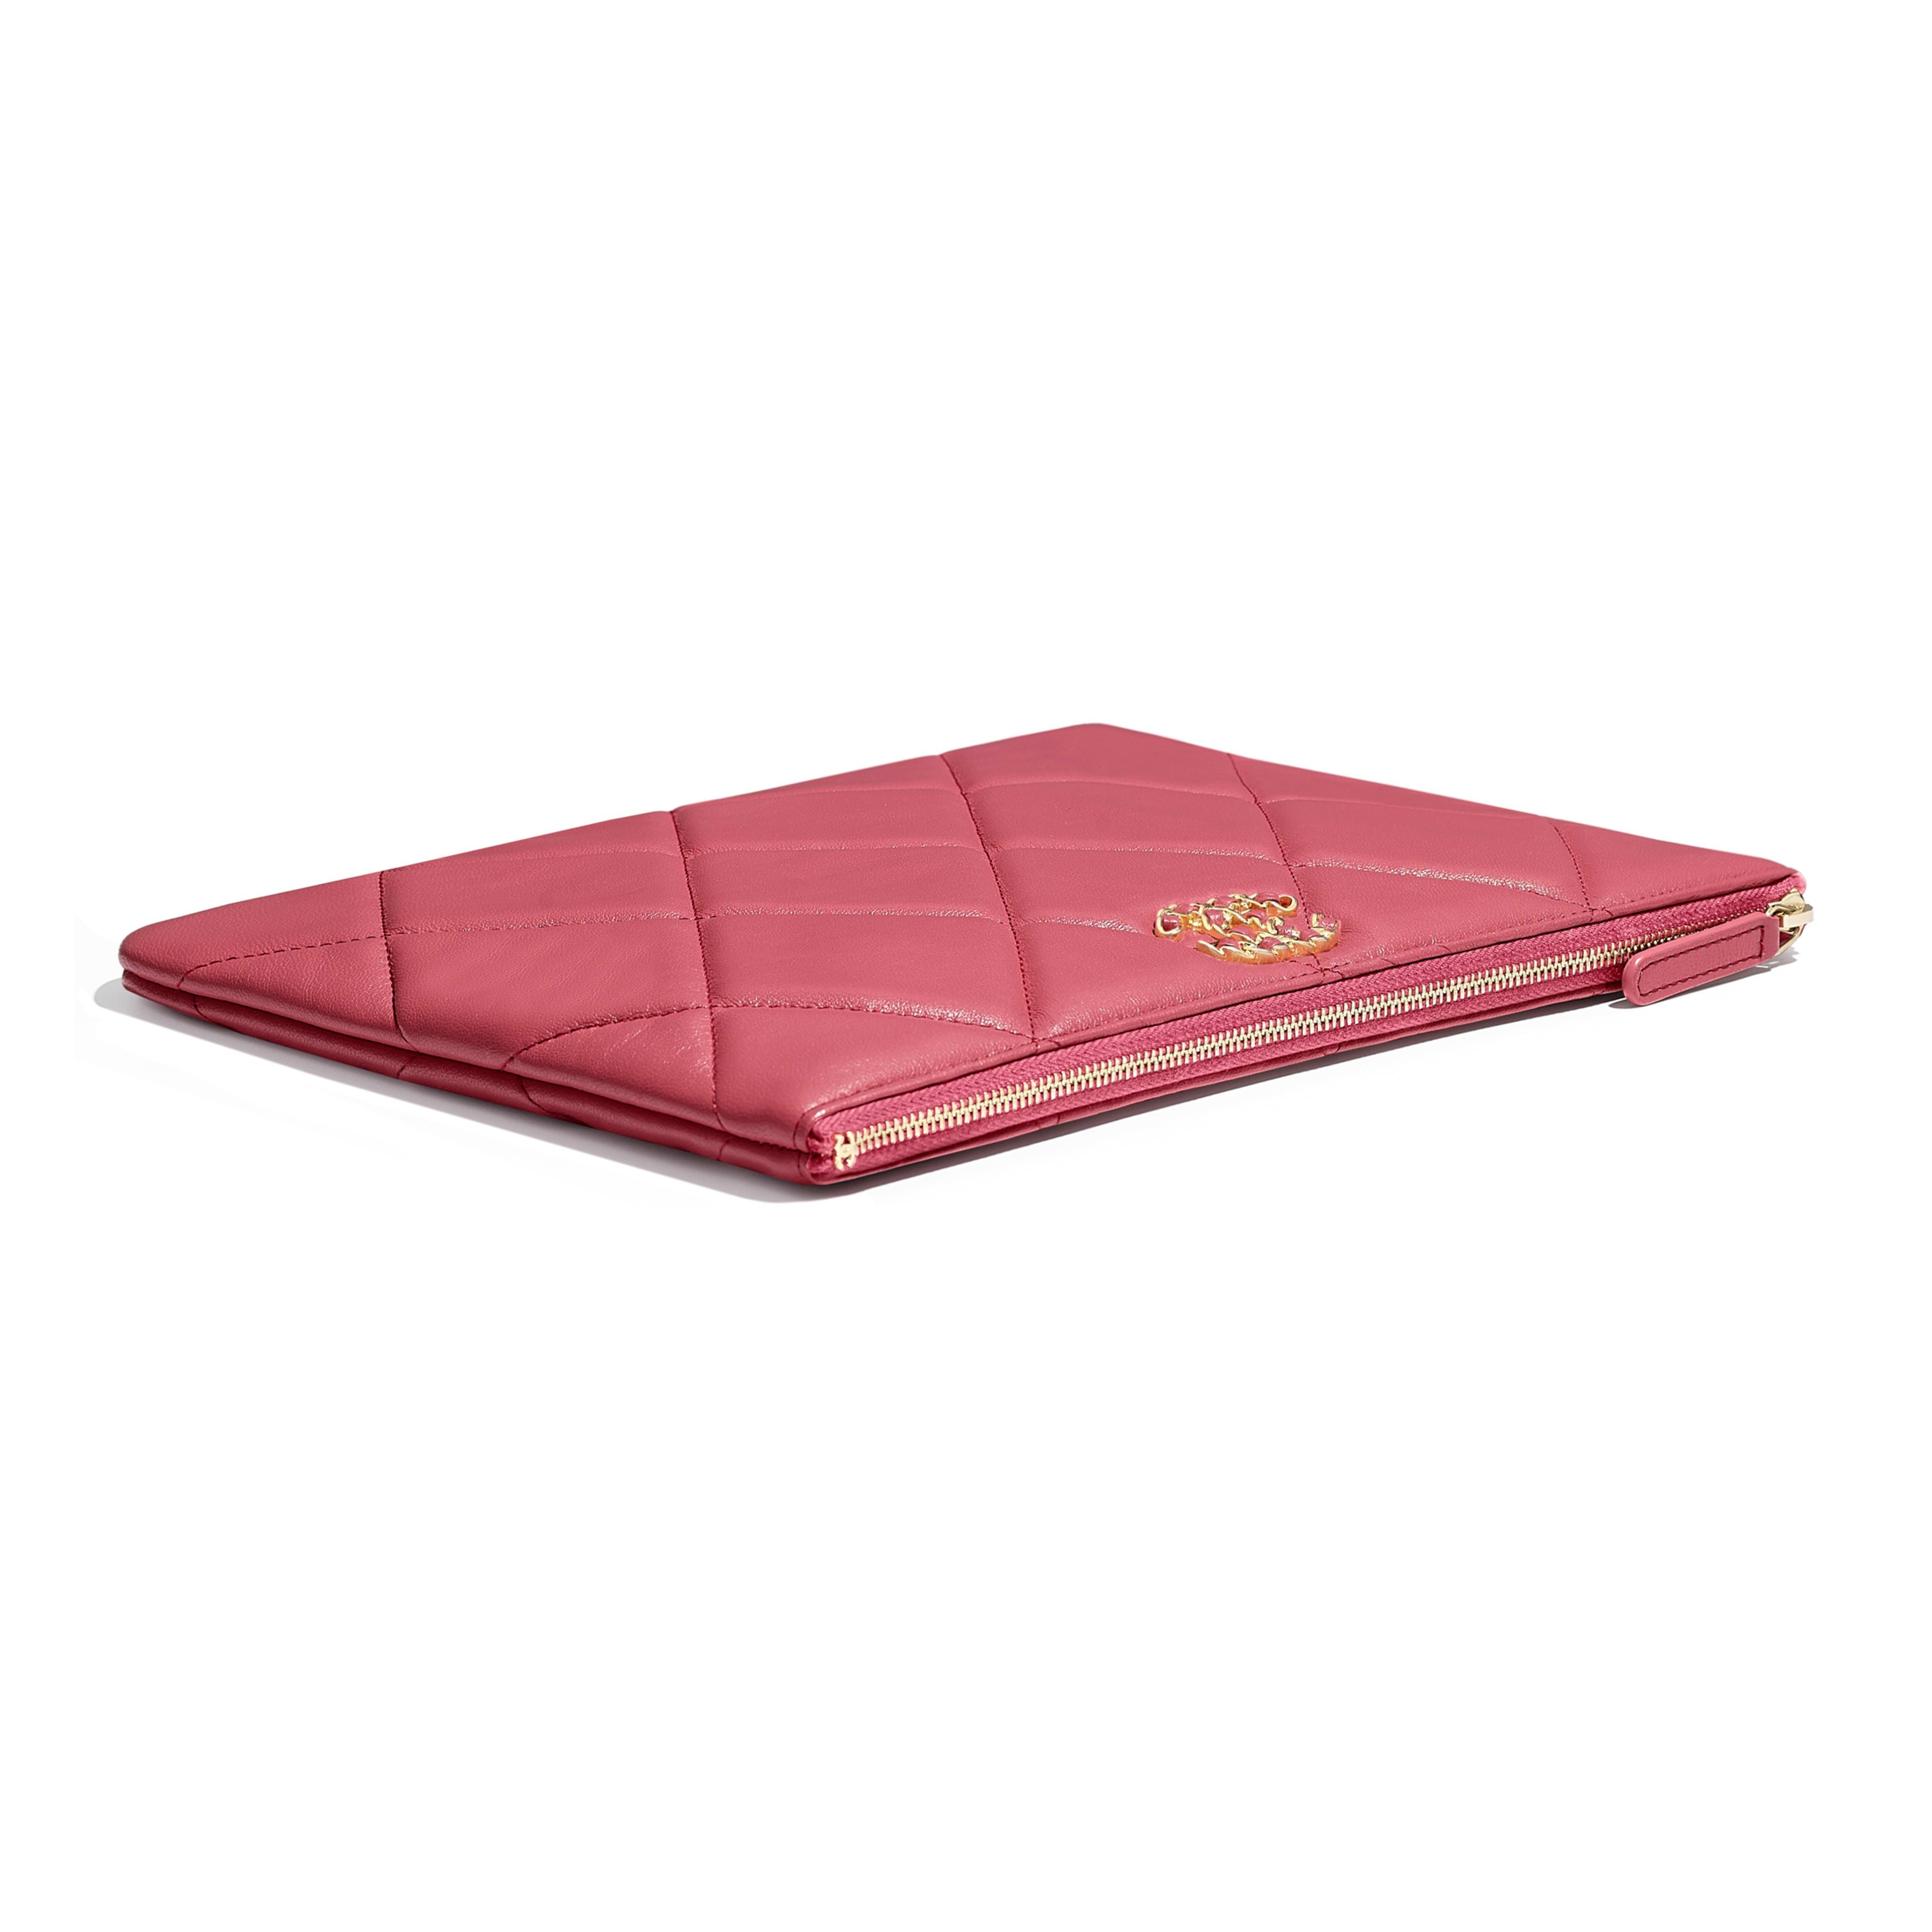 กระเป๋าเพาช์ CHANEL 19 - สีชมพู - หนังแกะ โลหะสีทอง โลหะสีเงิน และโลหะเคลือบรูทีเนียม - มุมมองพิเศษ - ดูเวอร์ชันขนาดเต็ม